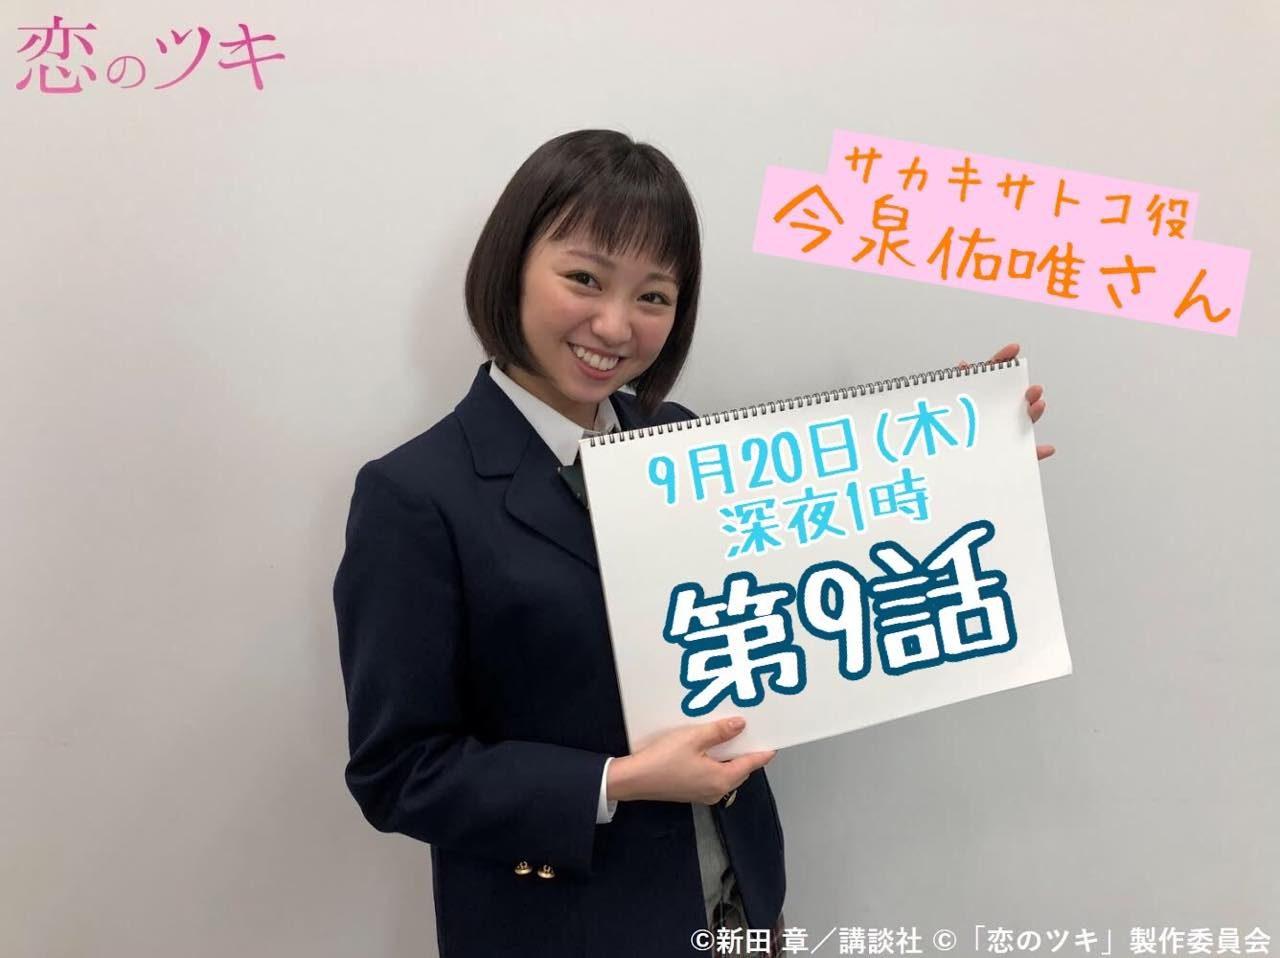 欅坂46今泉佑唯「木ドラ25 恋のツキ」第9話:大人は判ってくれない [9/20 25:00~]